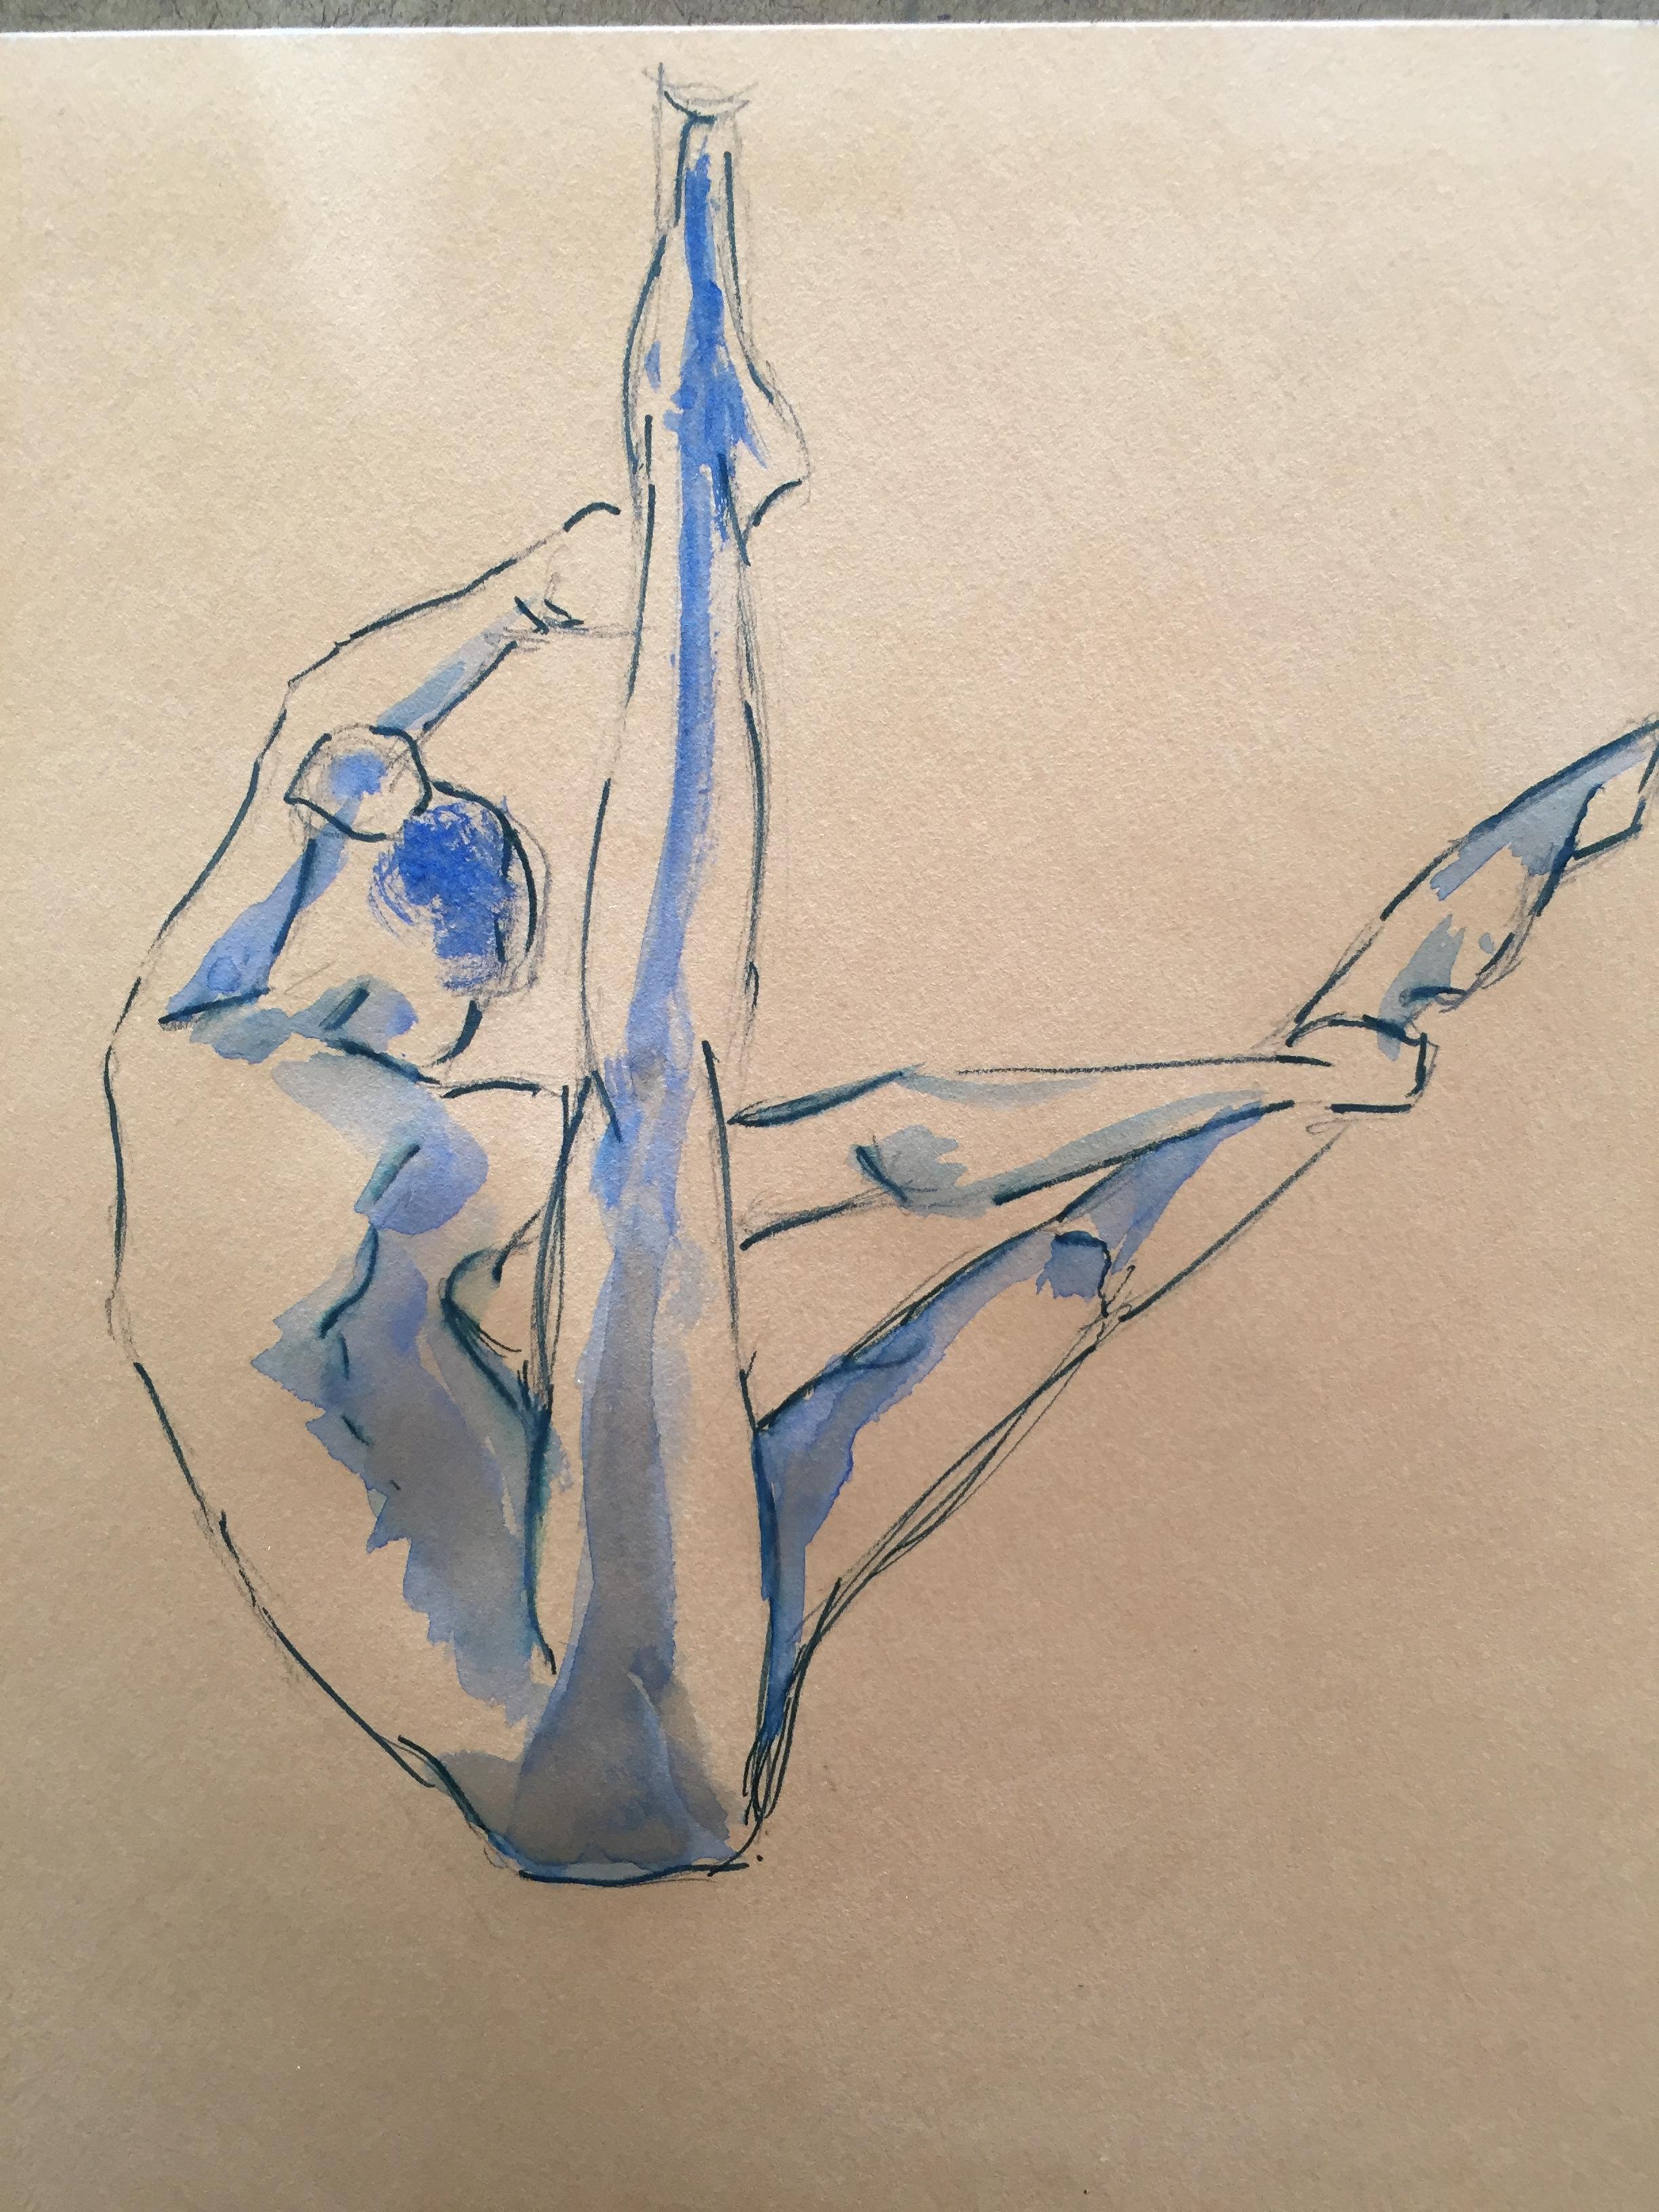 Dessins à la plume à l'aquarelle bleu danseuse  cours de dessin